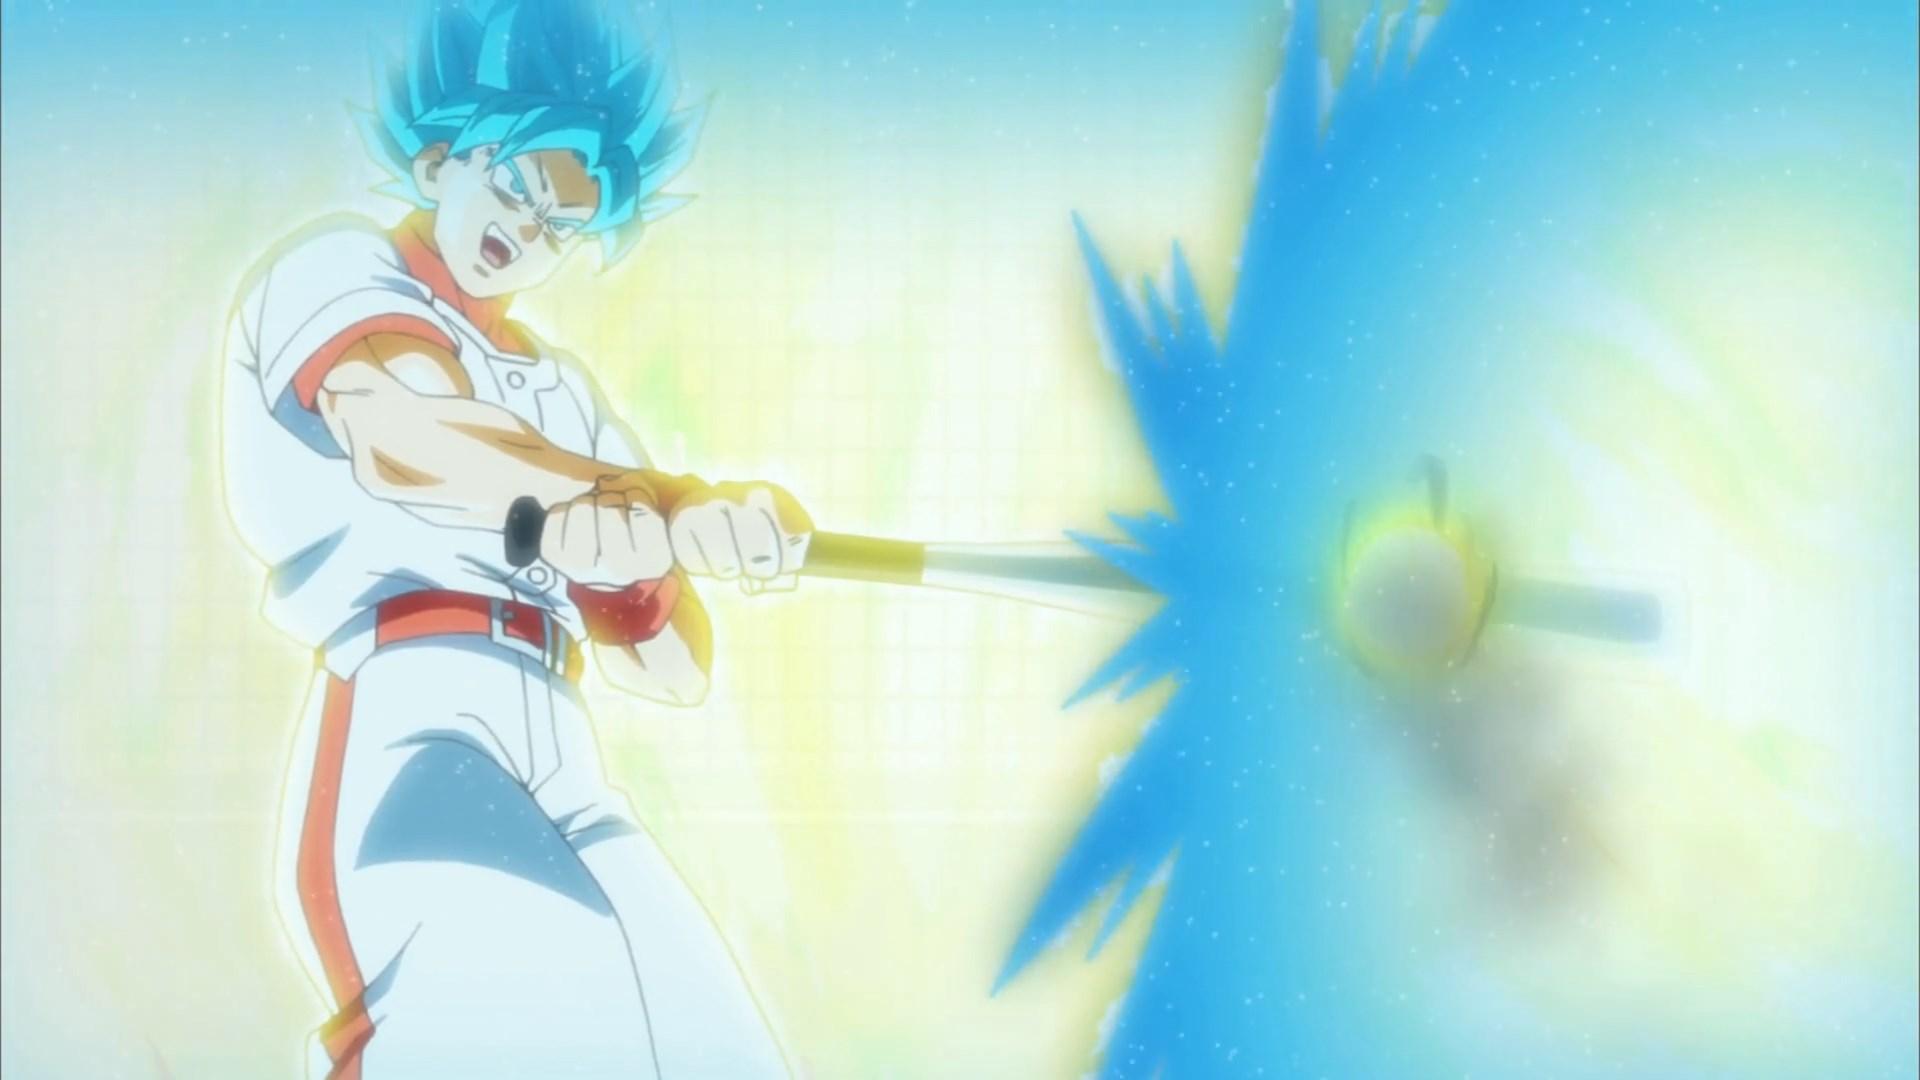 [DS] Dragon Ball Super 070 [1080p].mkv_snapshot_16.14_[2016.12.11_03.52.47]